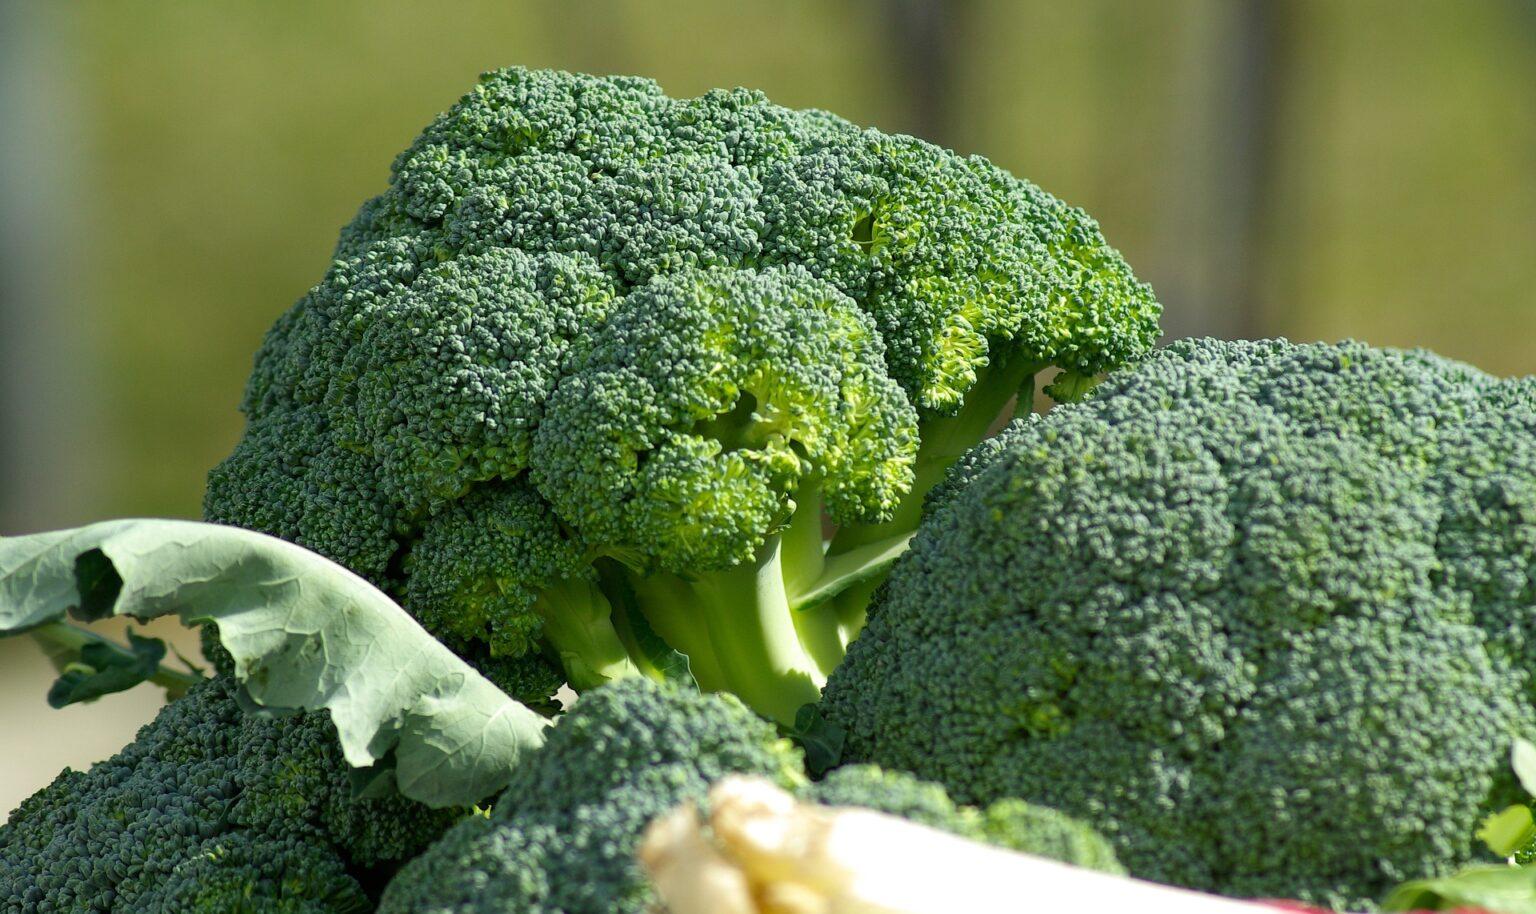 vegetables-673181_1920